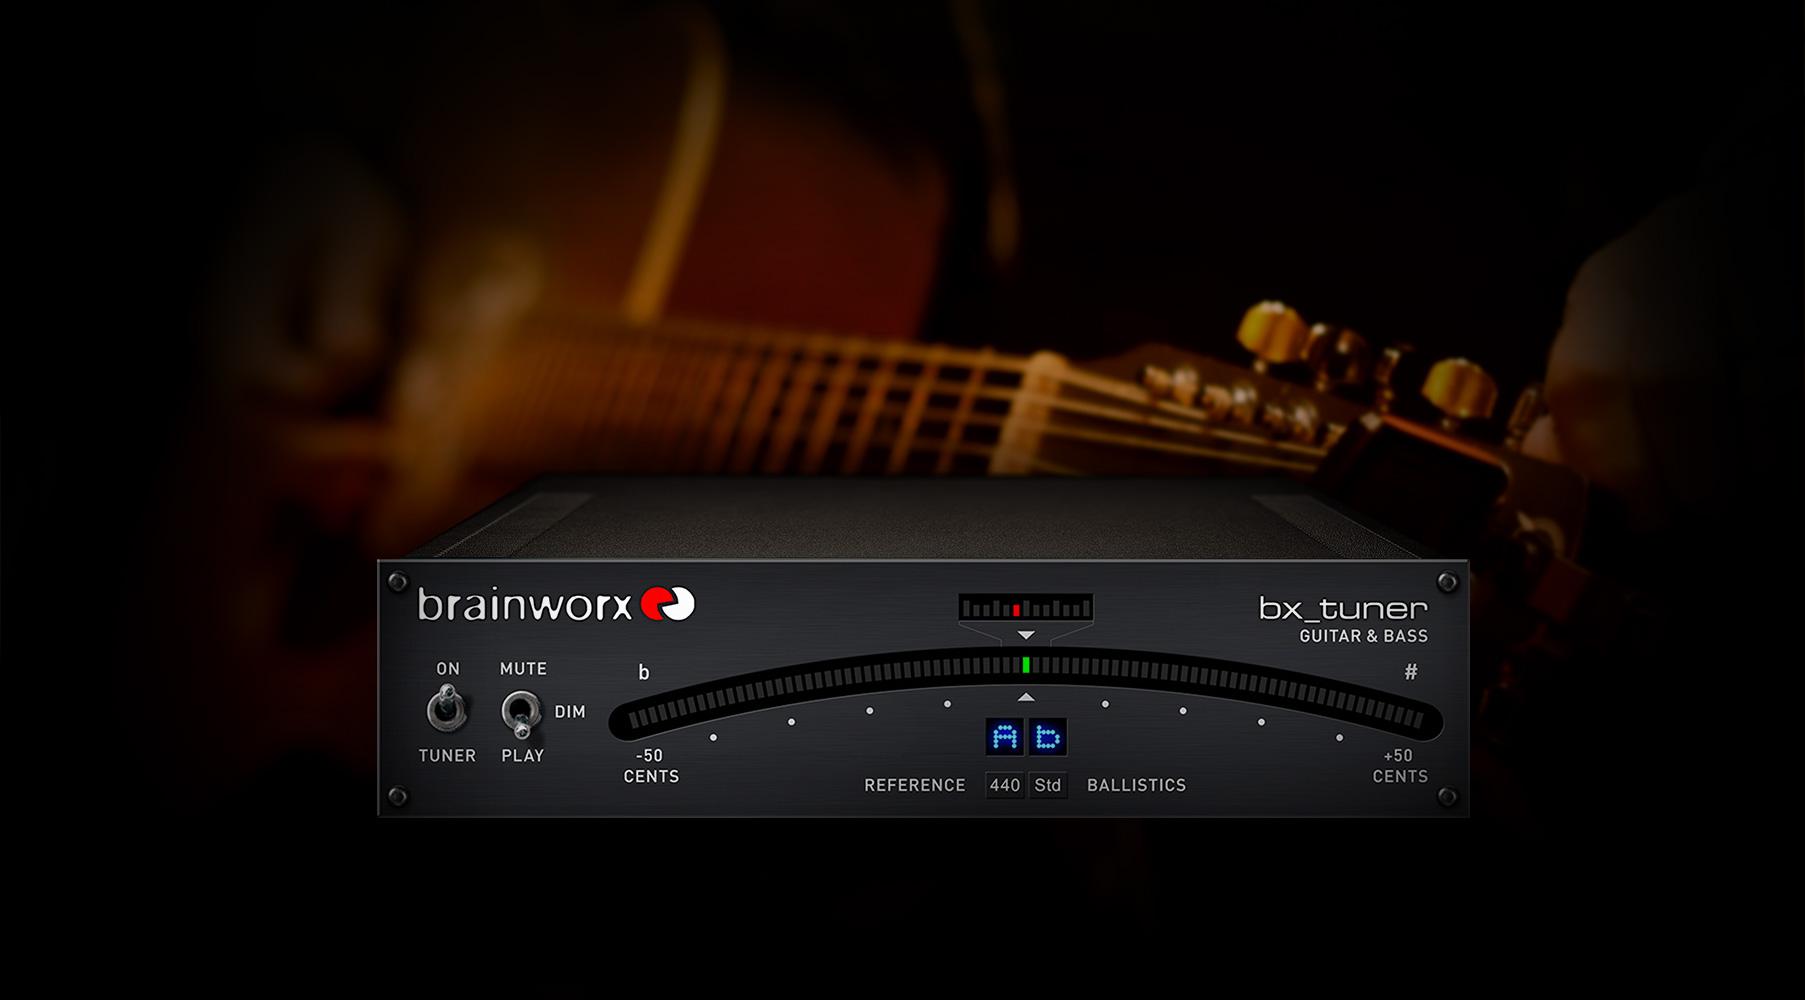 Brainworx bx_tuner